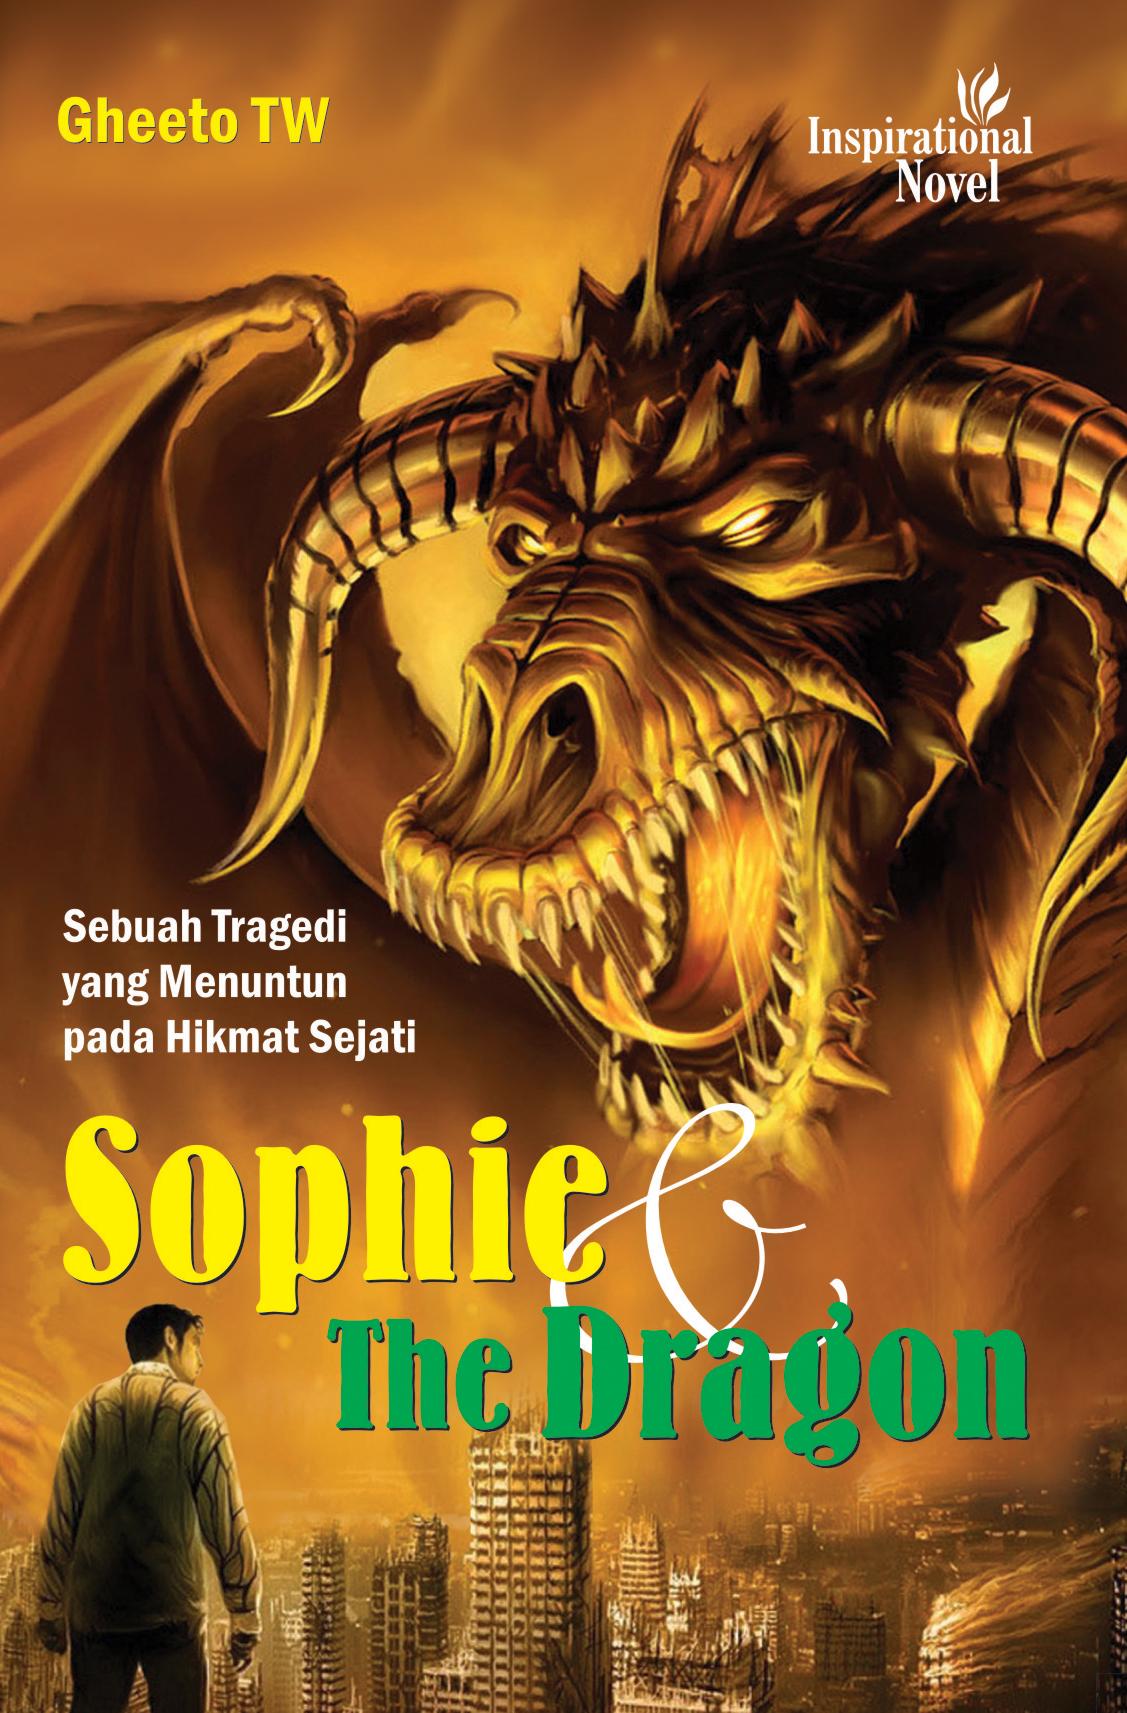 Sophie and the dragon, sebuah tragedi yang menuntun pada hikmat sejati [sumber elektronis]